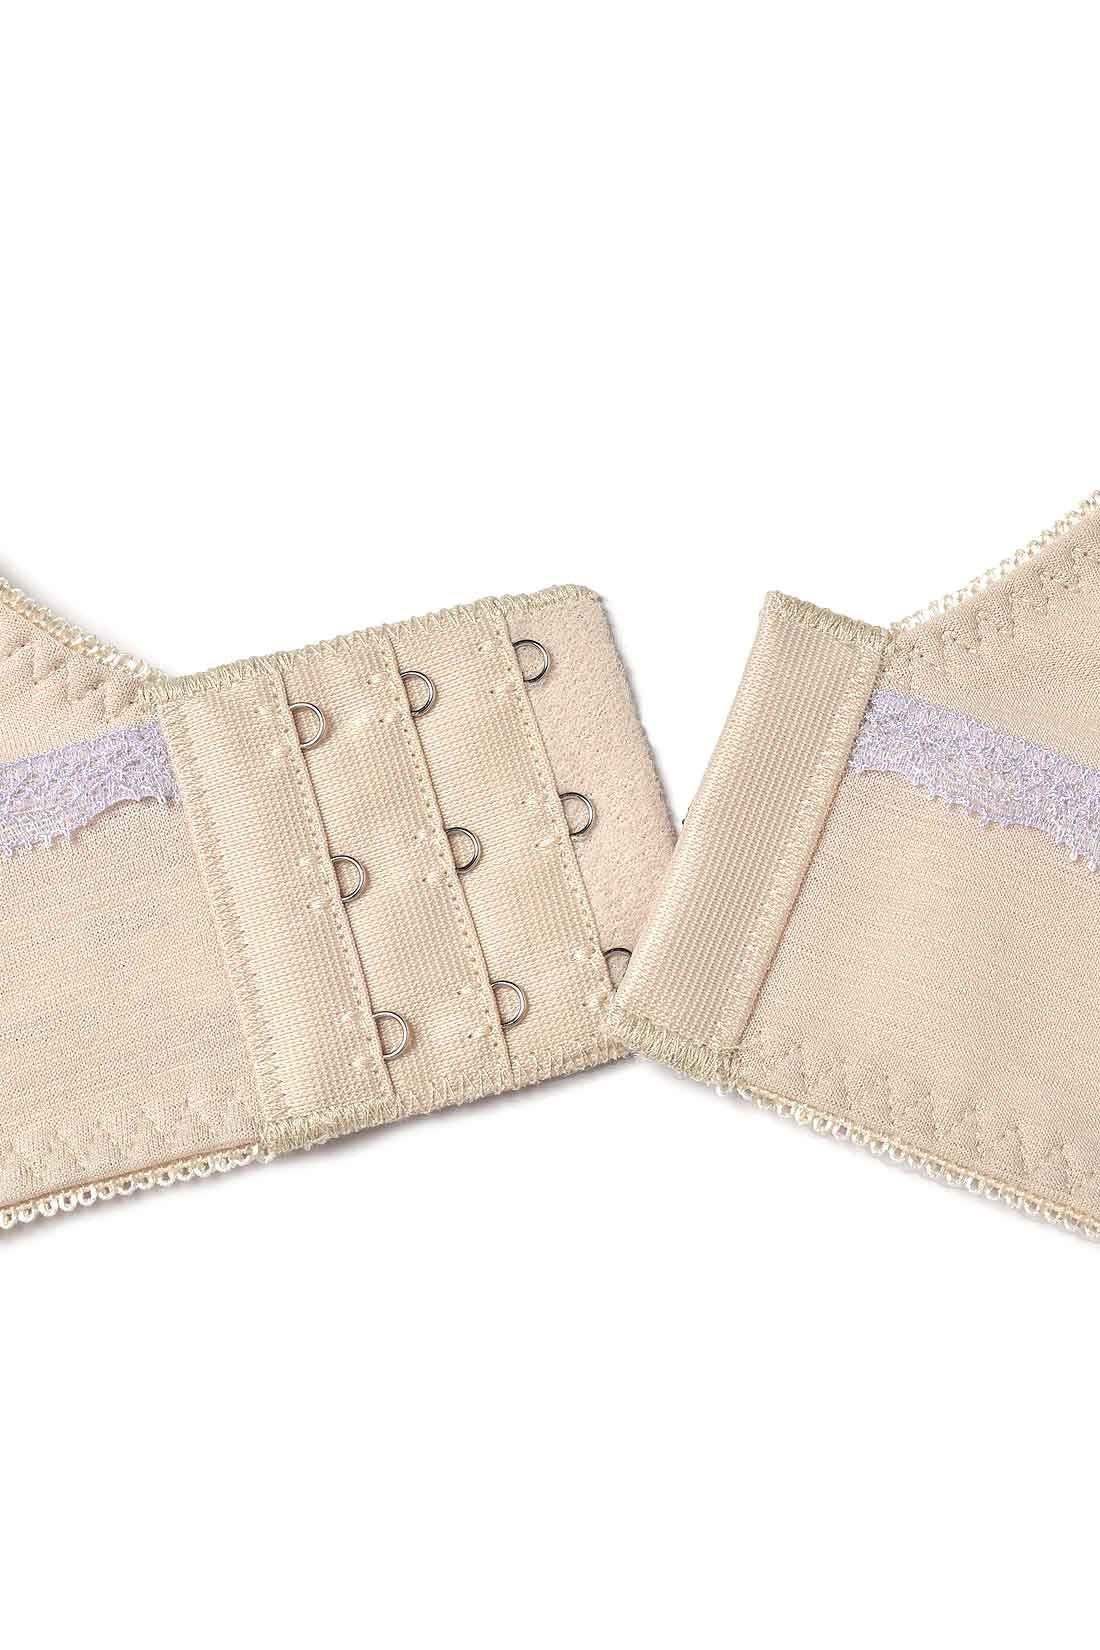 幅広の5.7cm幅のホックを採用。ノンワイヤーでも安定感のある着け心地。